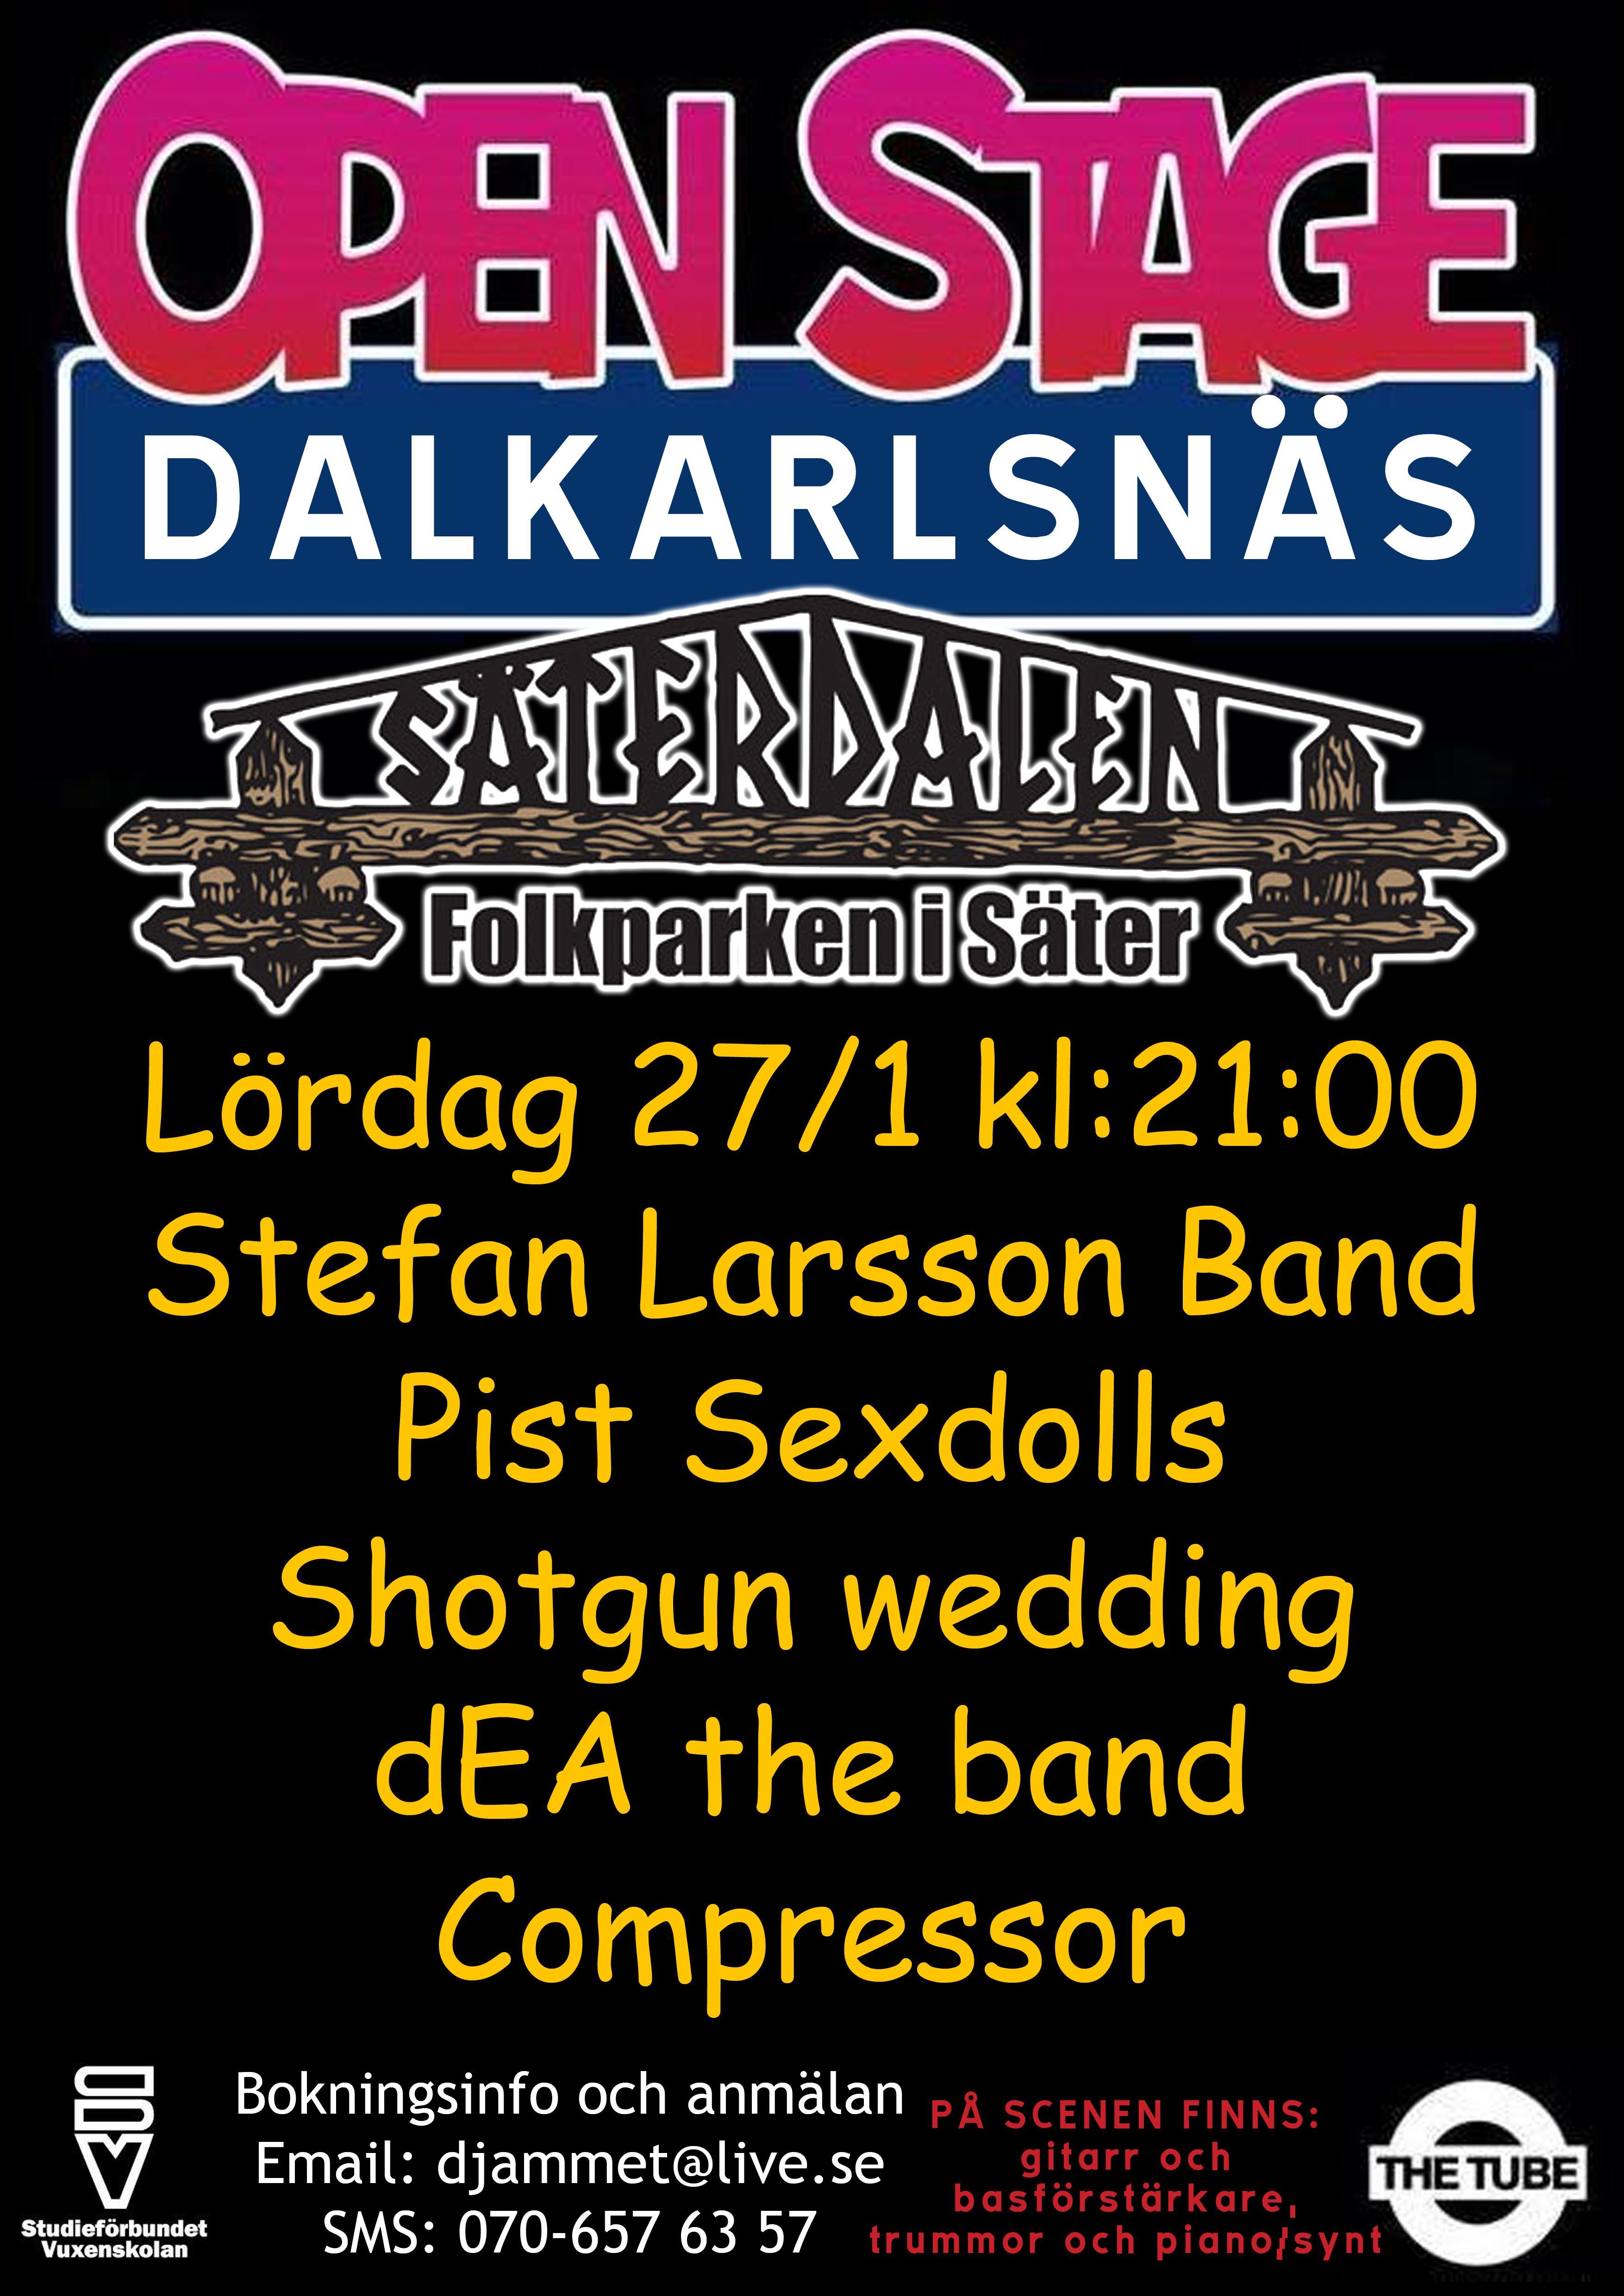 Dalkarlsnäs open stage